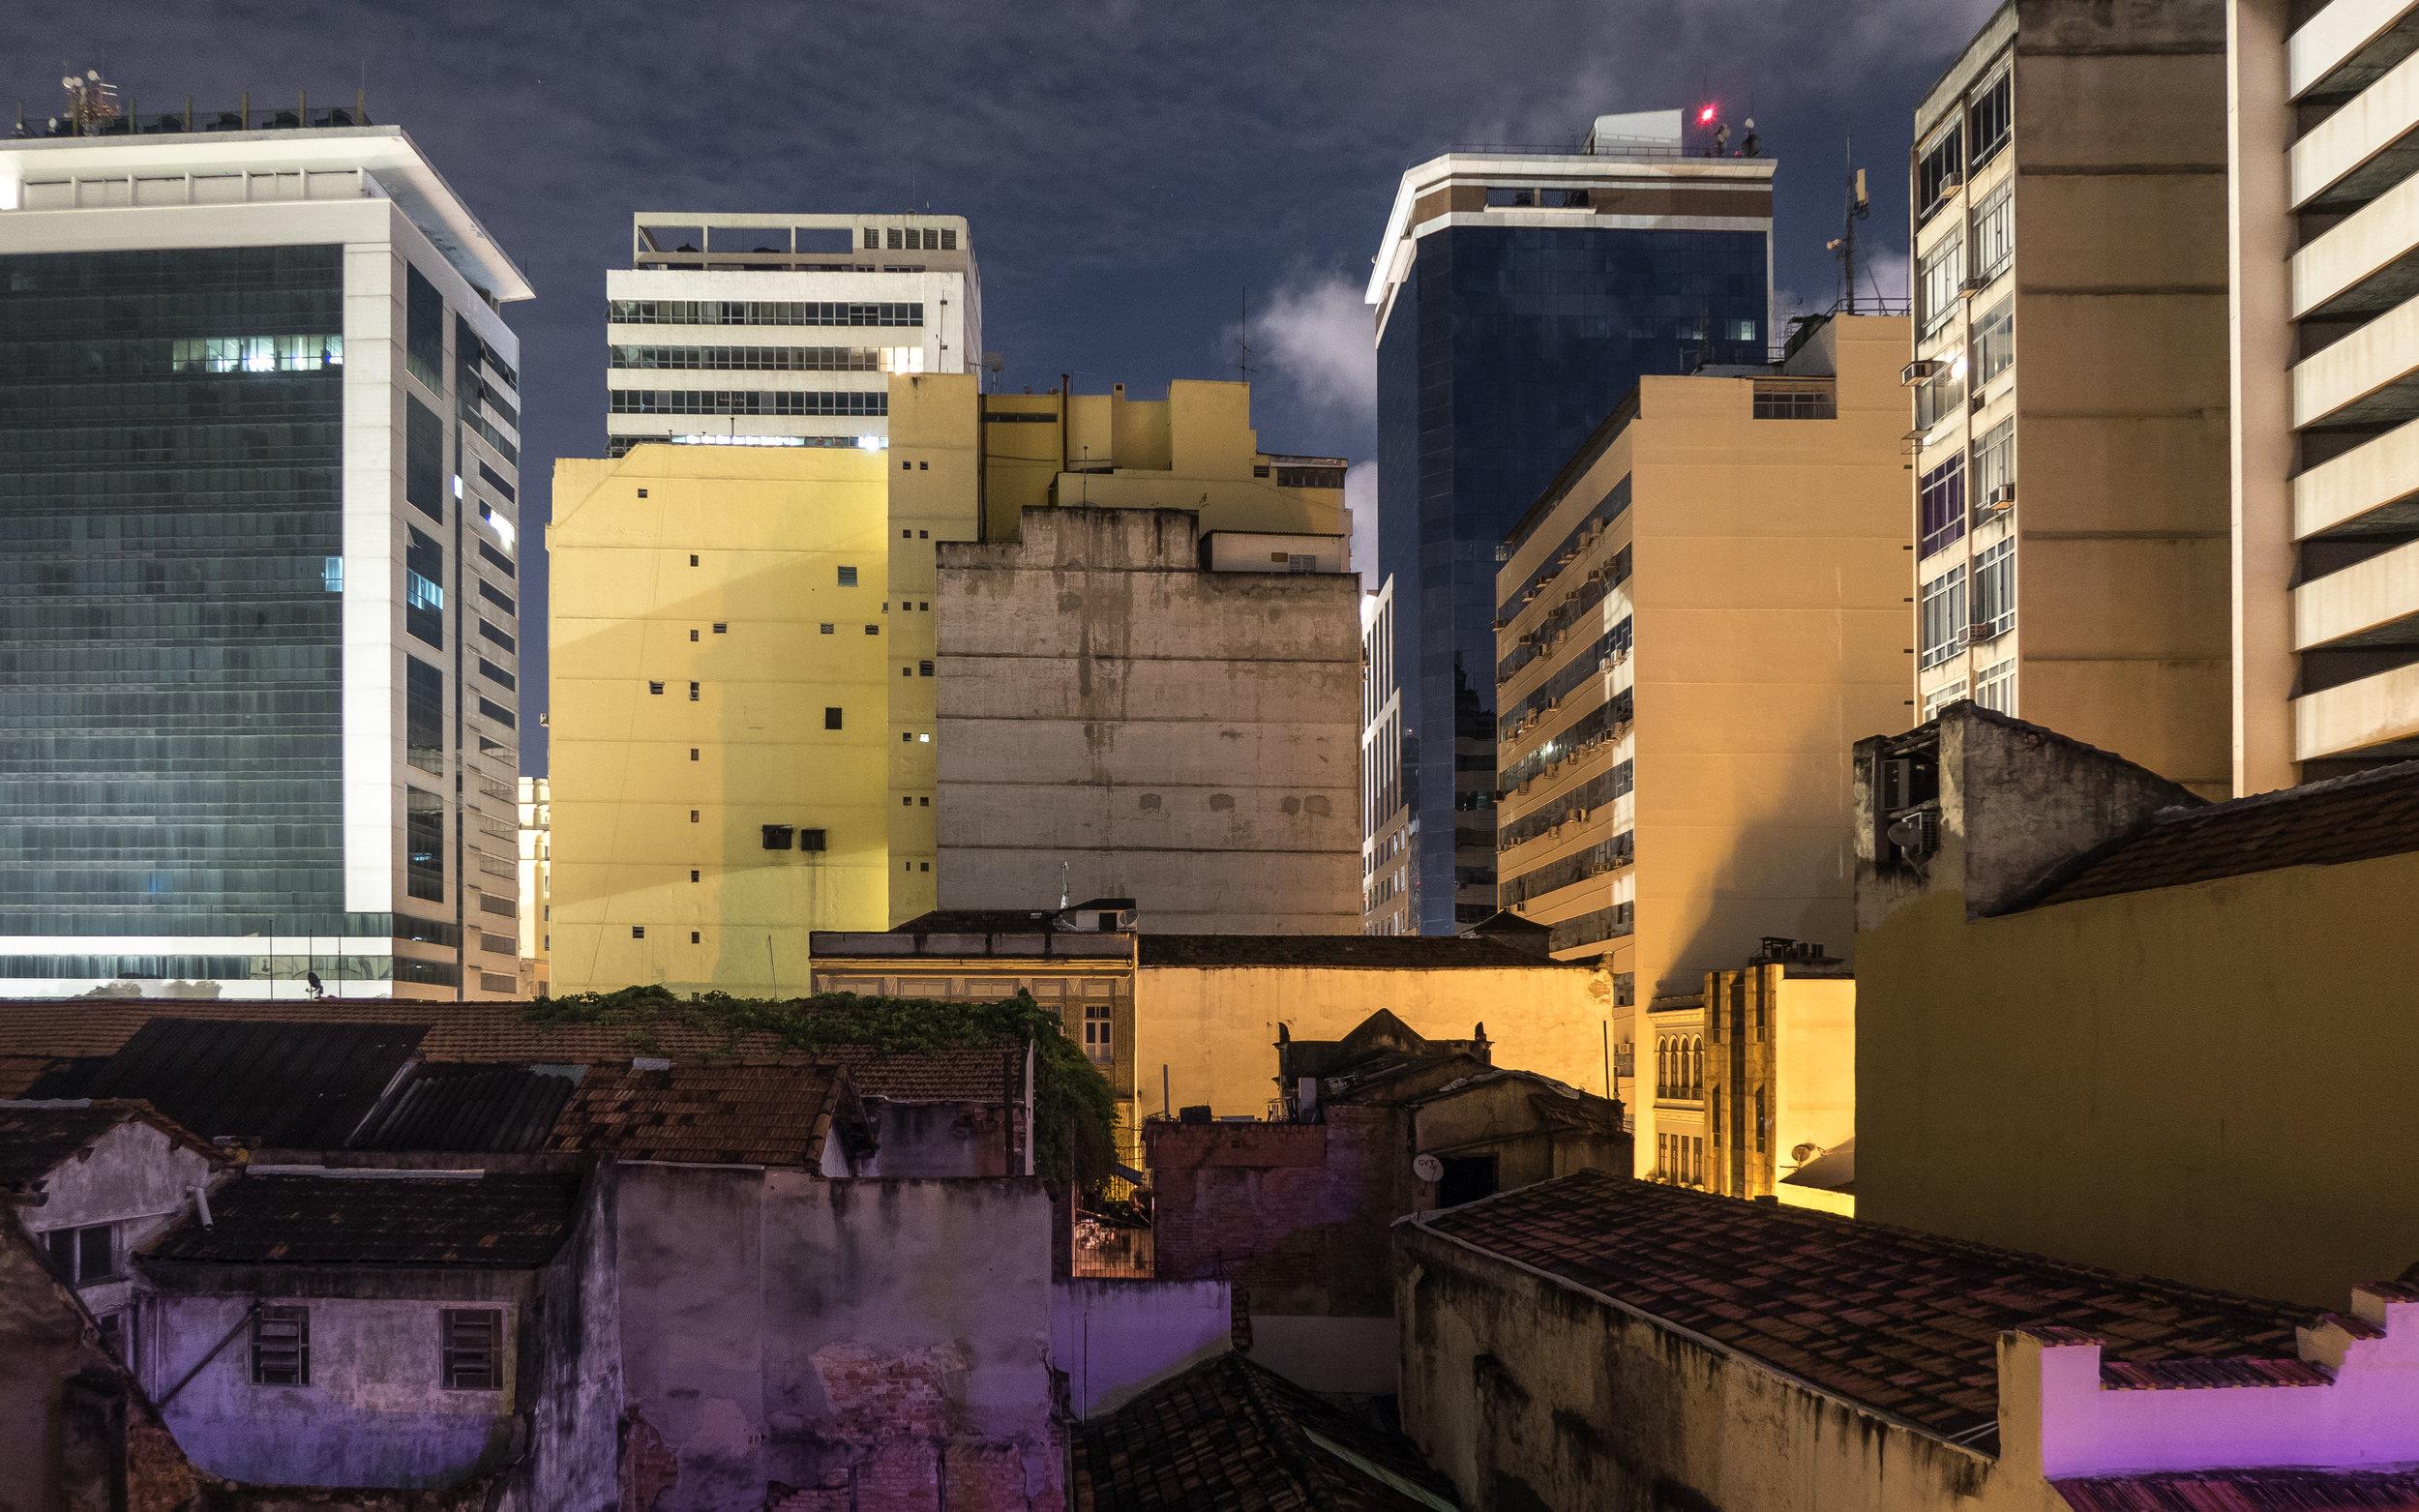 brazilia_dp_01_domolky_daniel_PRINT_002.jpg